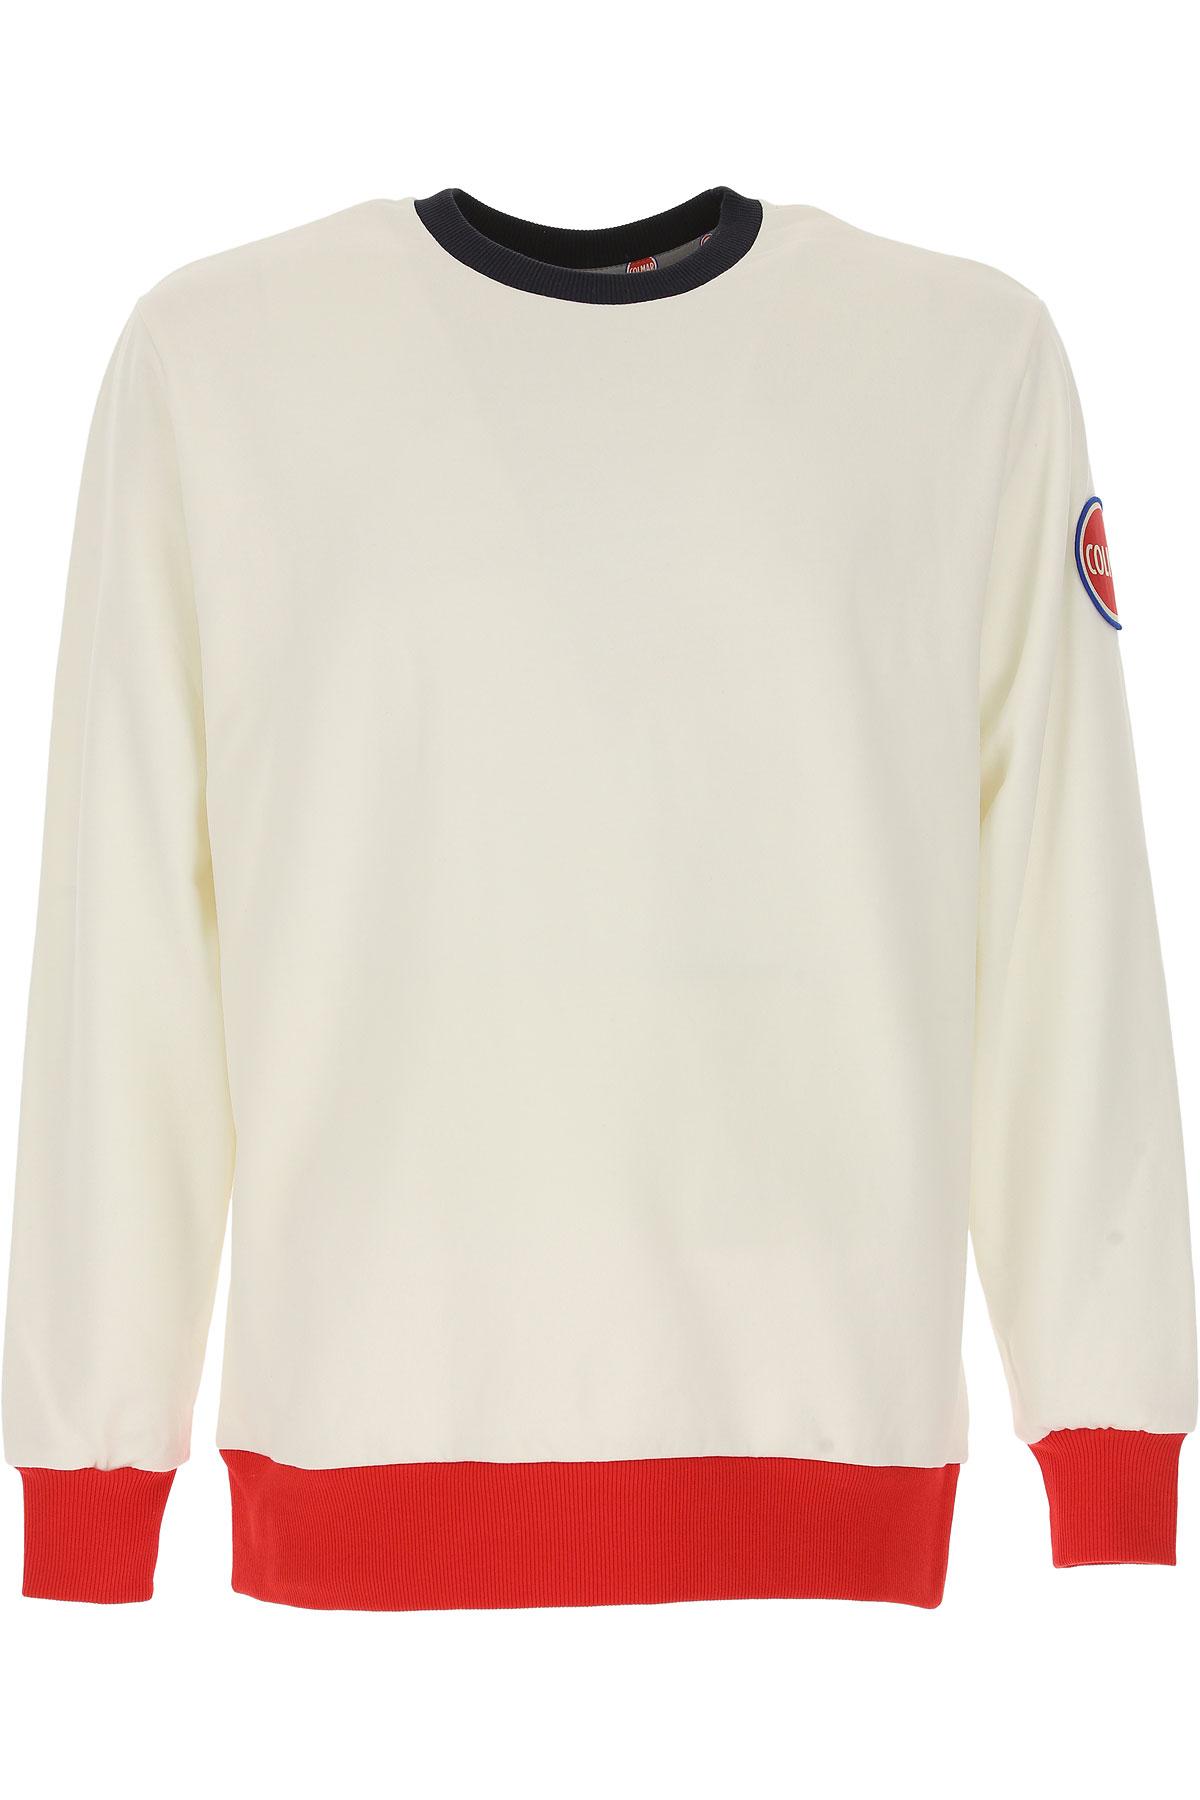 Colmar Sweatshirt for Men, White, Cotton, 2017, M S XL USA-472659